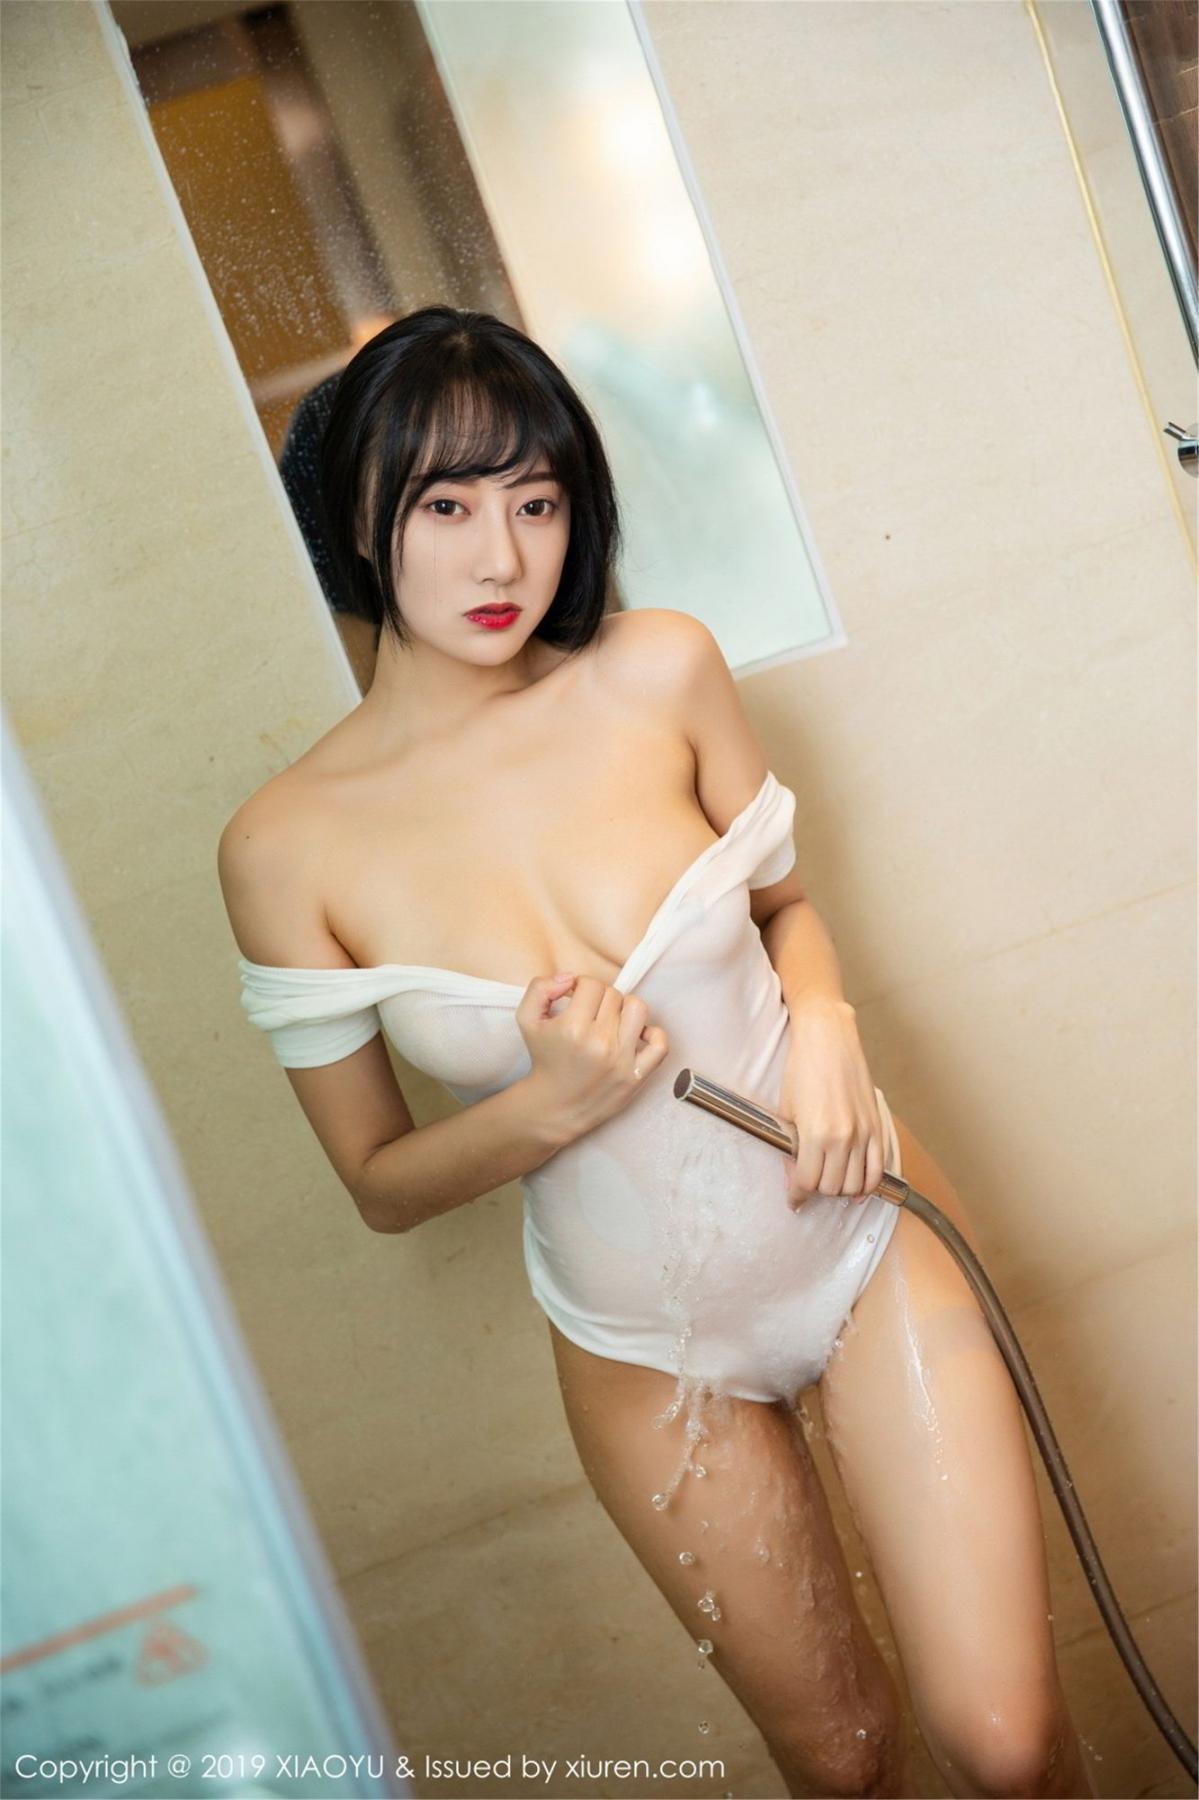 [XiaoYu] Vol.116 He Jia Ying 40P, Bathroom, He Jia Ying, Wet, XiaoYu